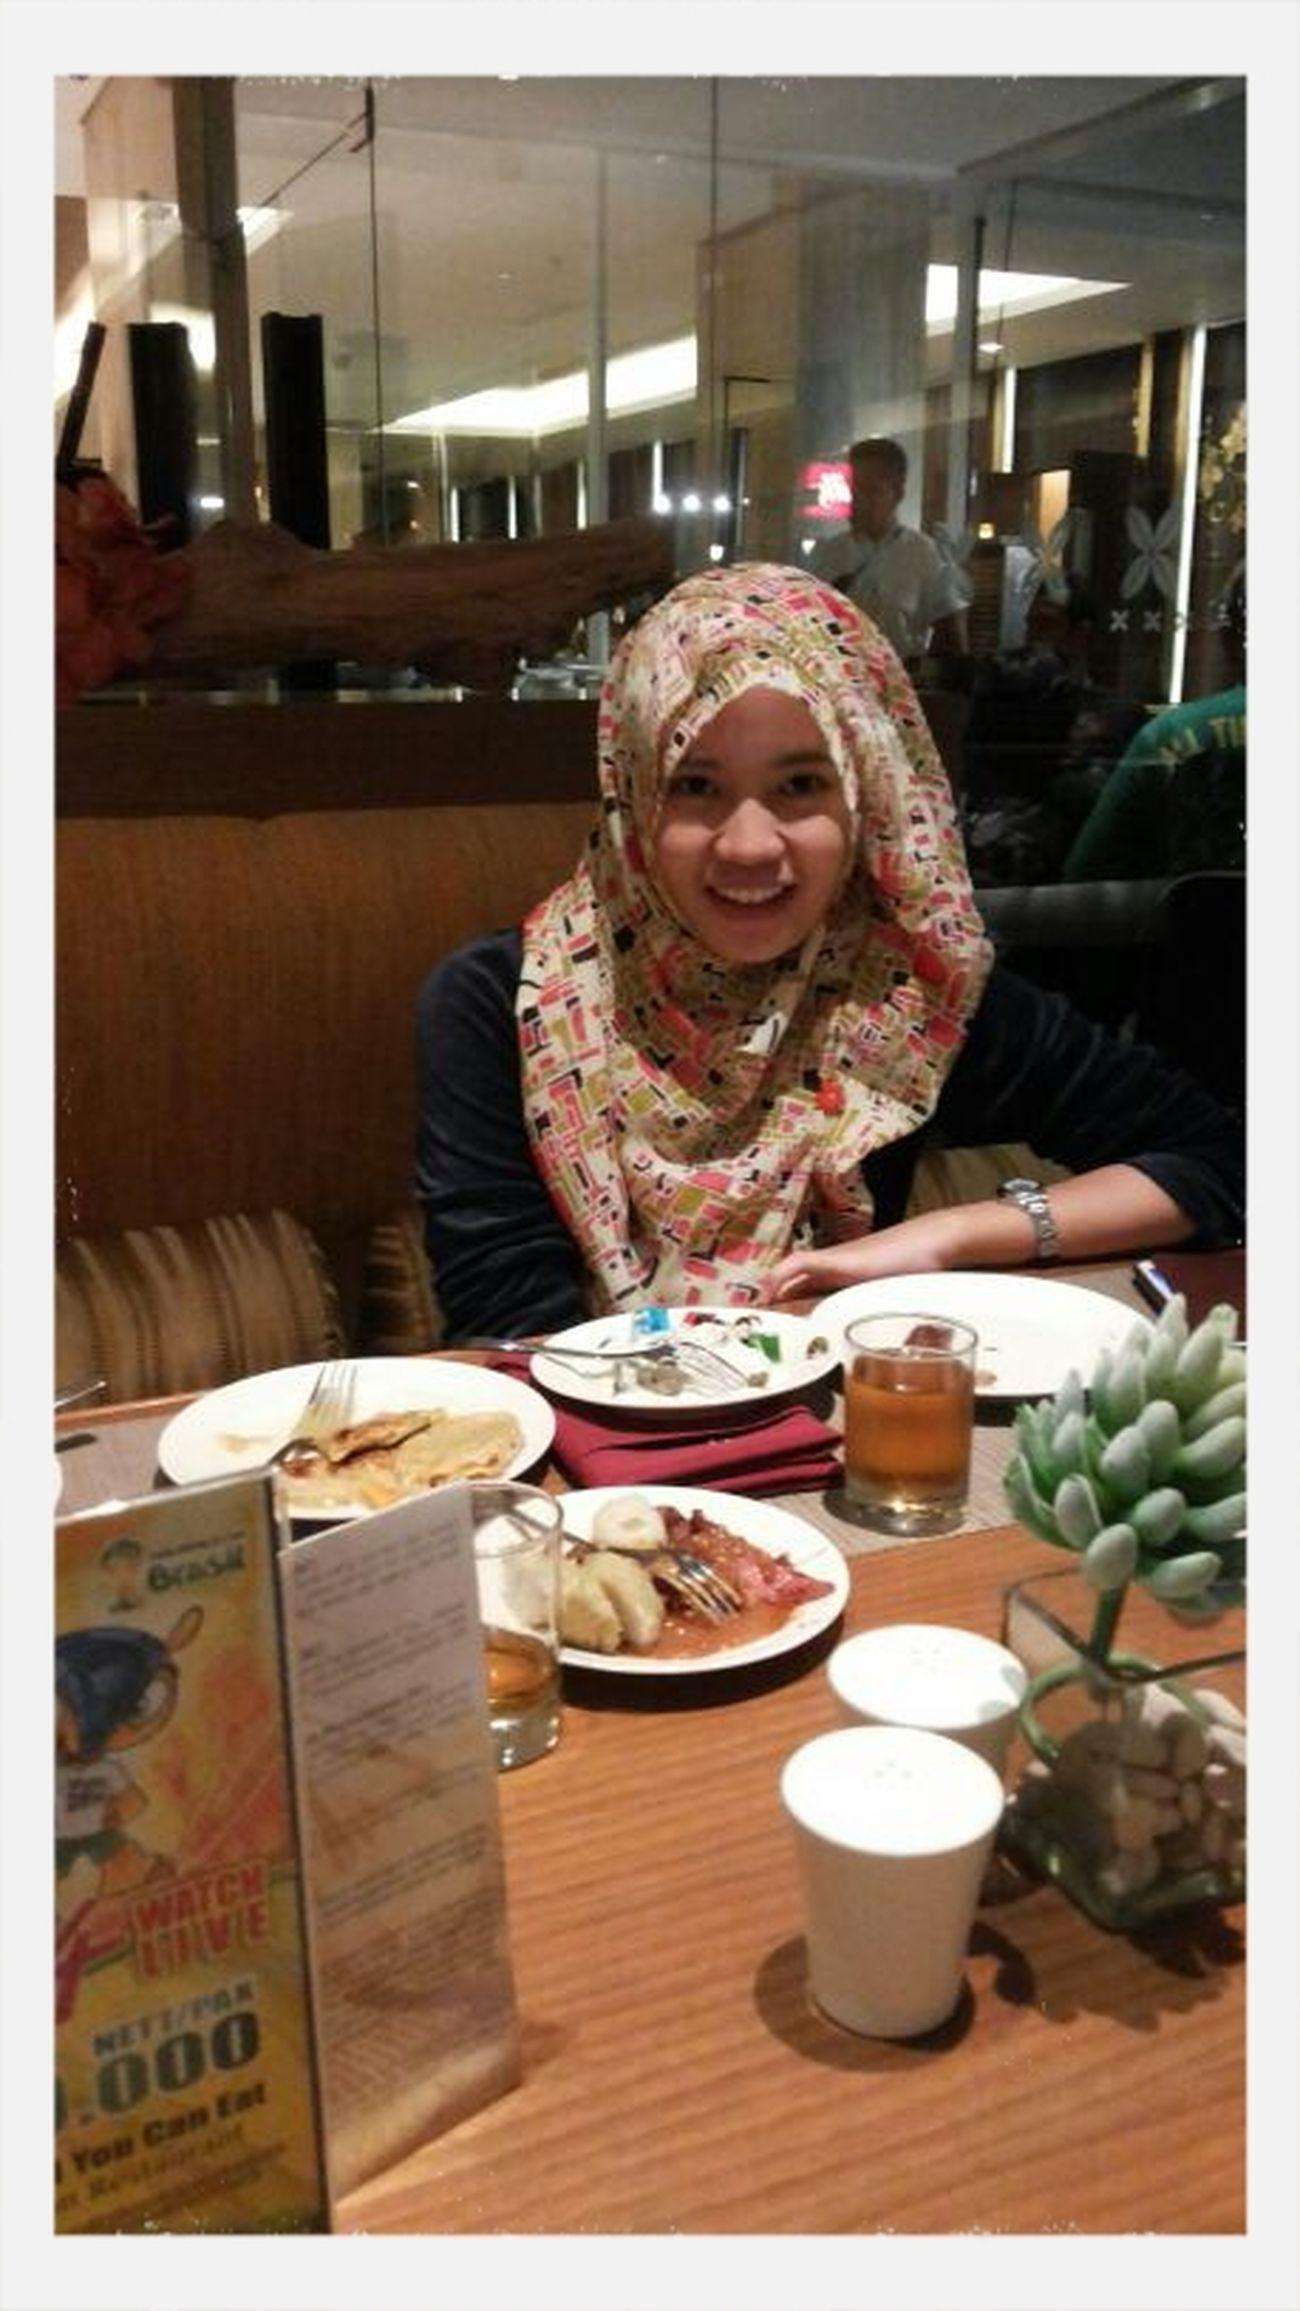 Baru sempet buka puasa bareng selama ramadhan :D Memories ❤ July Celebrate 4th